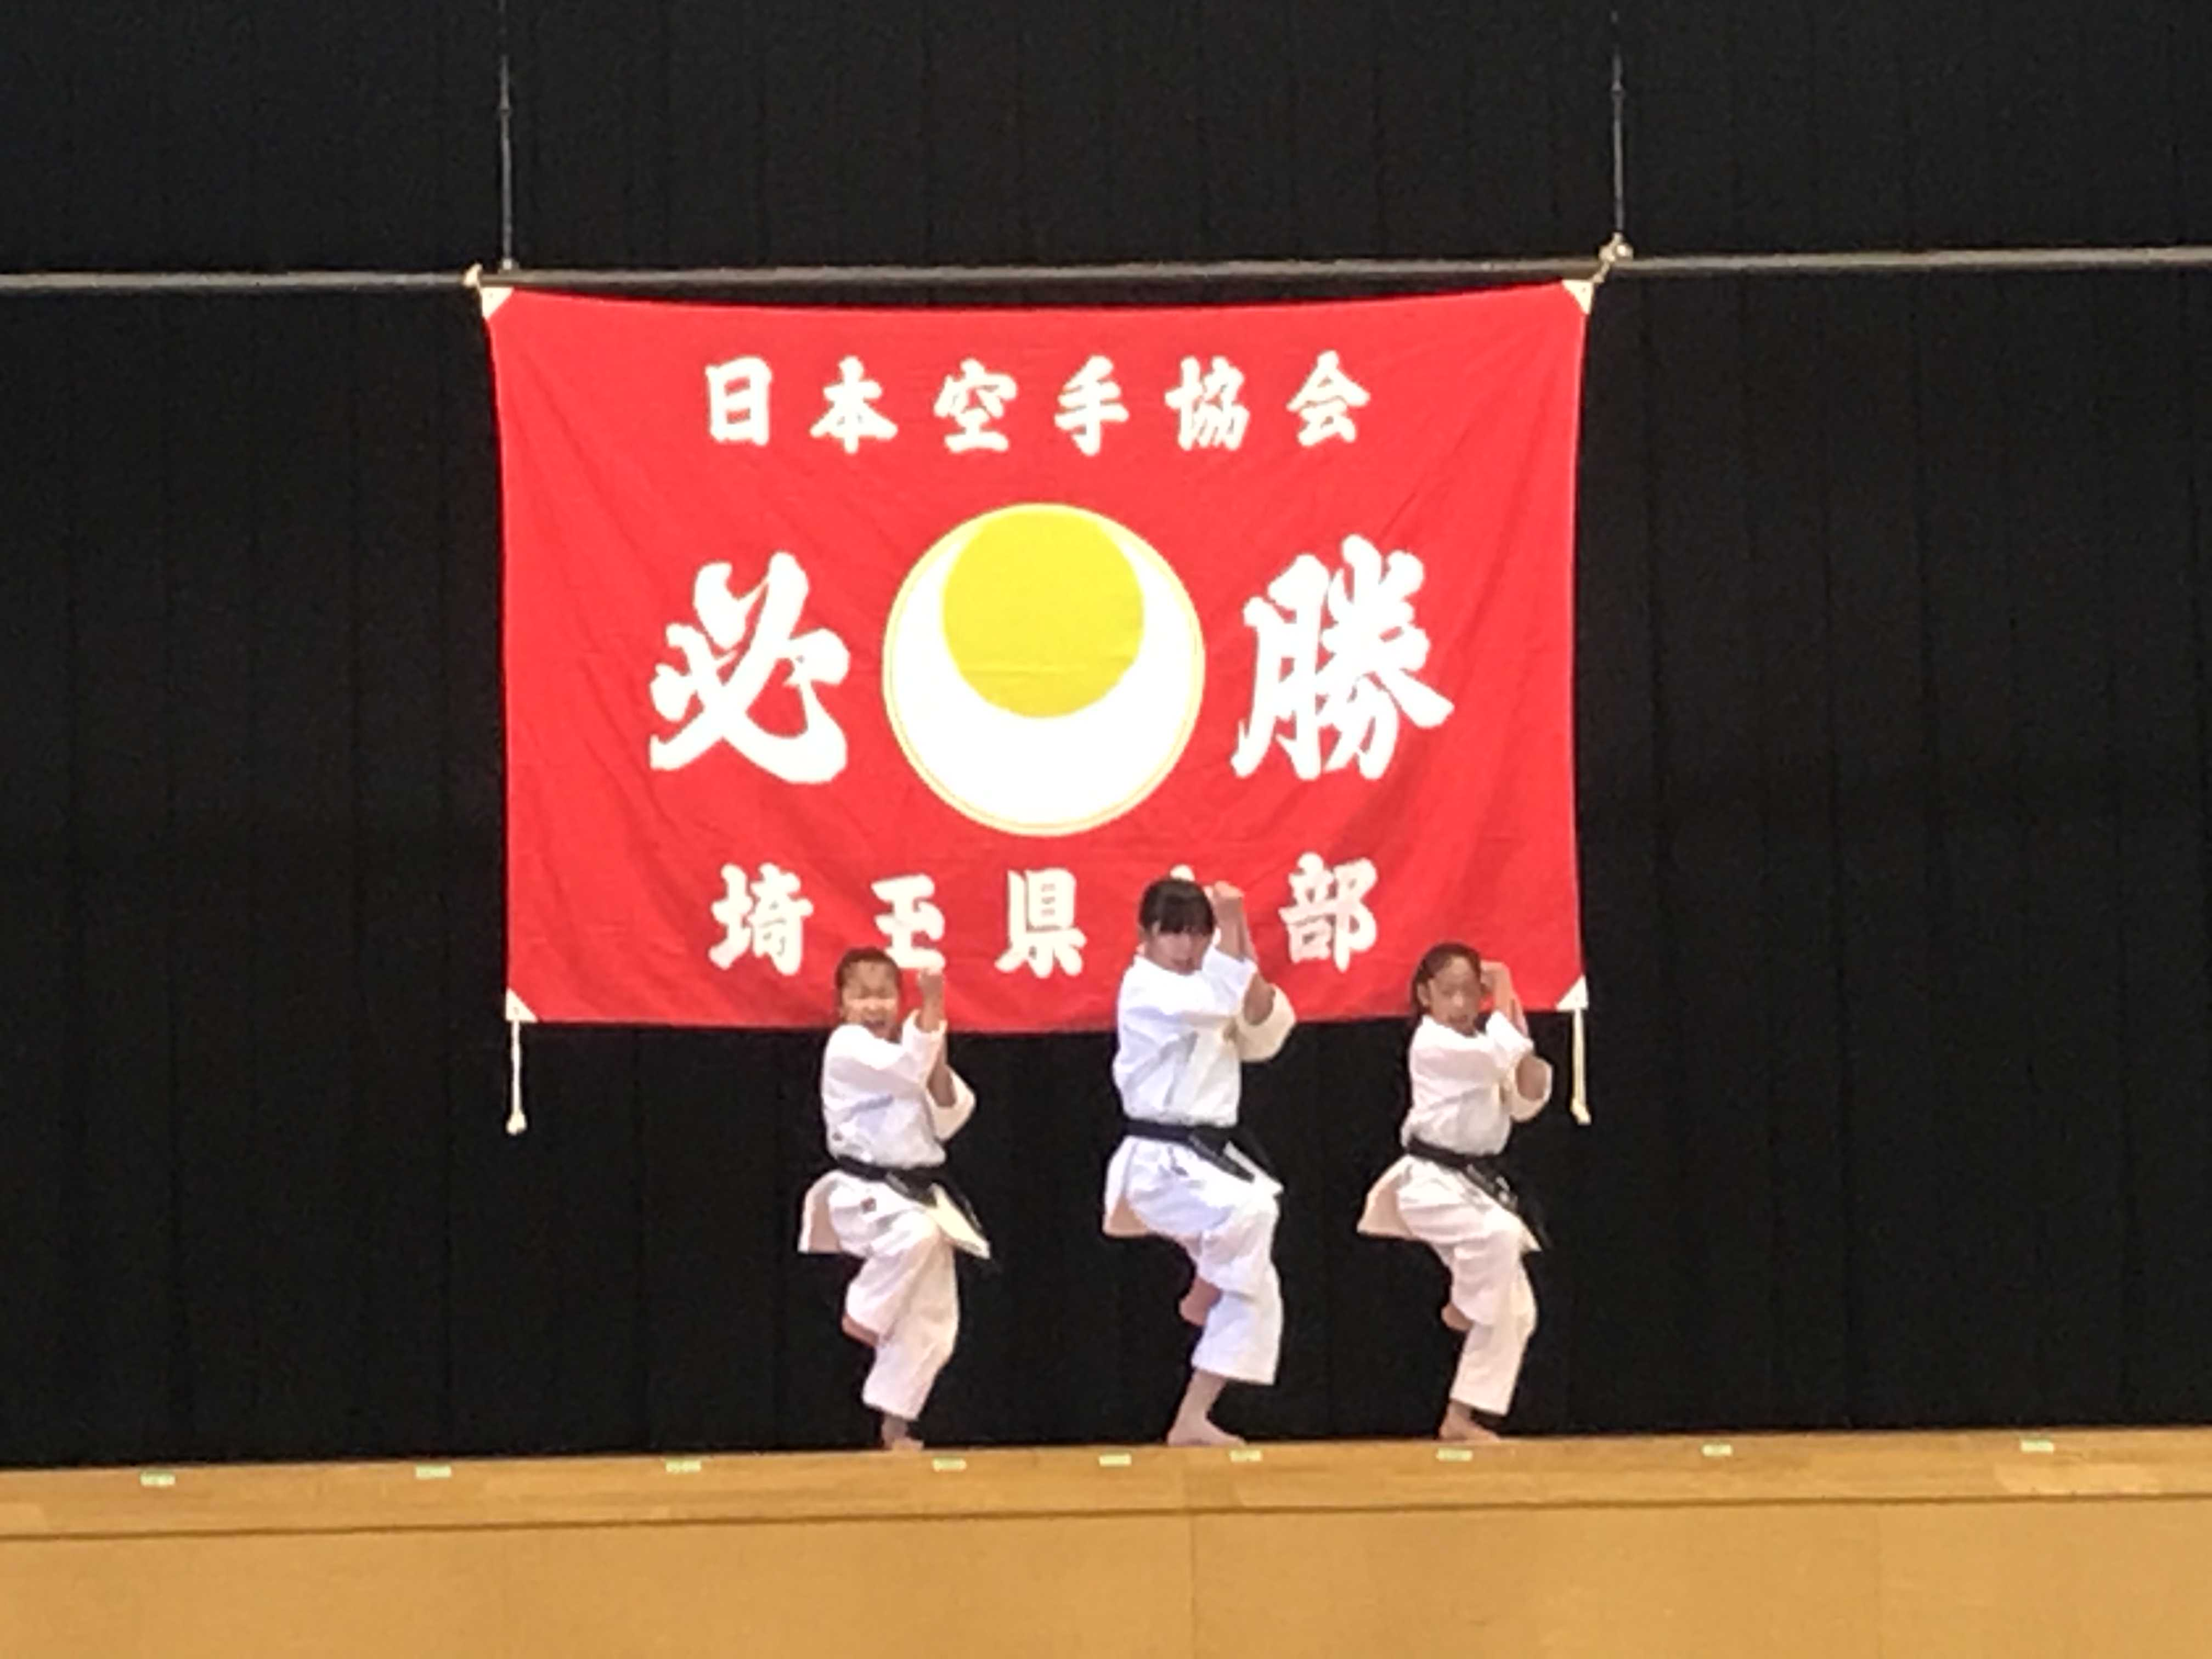 4連覇を祝う会_1367